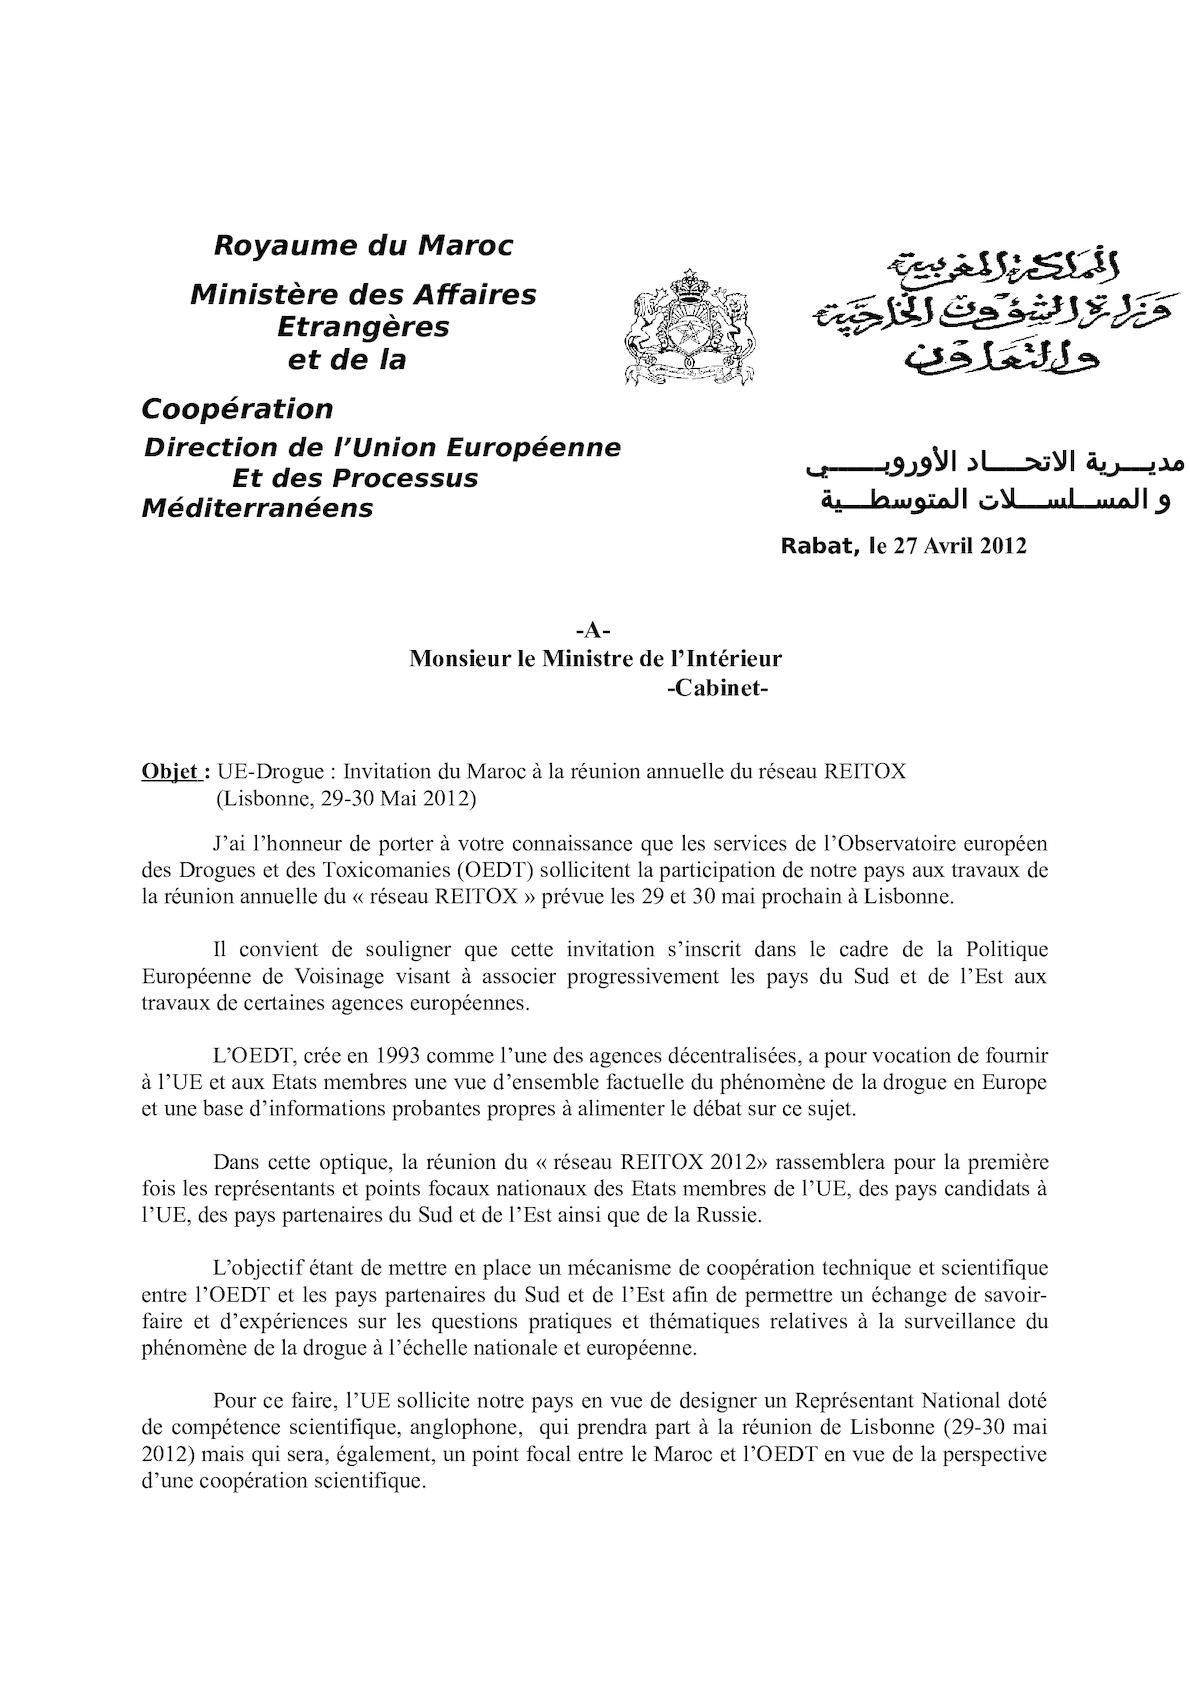 Note Min Interieur Invitation (2).